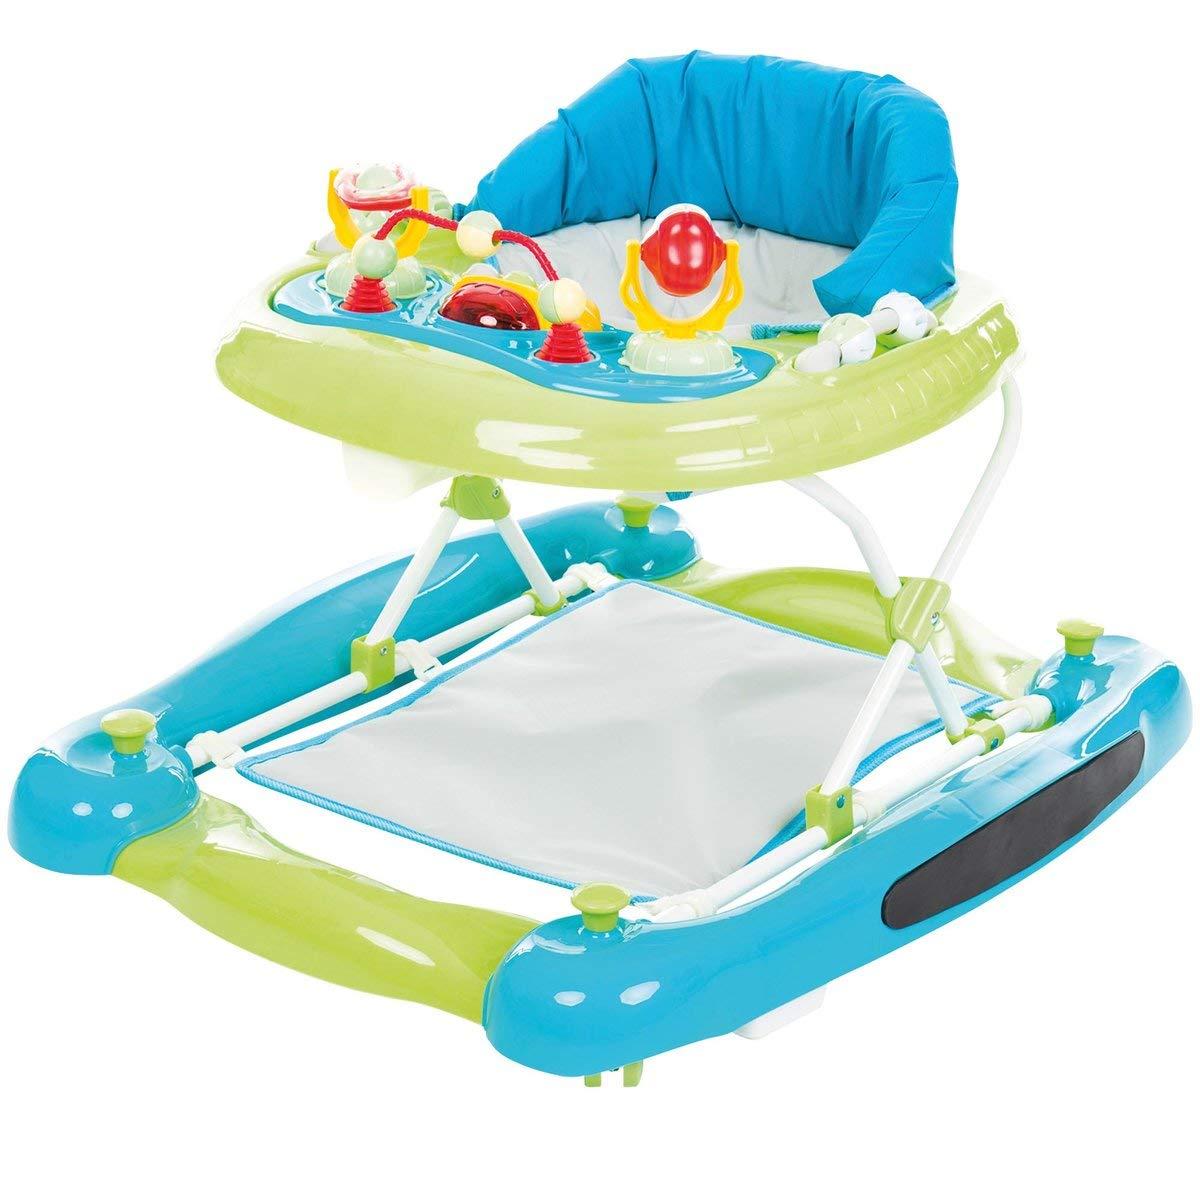 Baby-Wellness-Lifestyle - Tacatá con función balancín, color verde ...